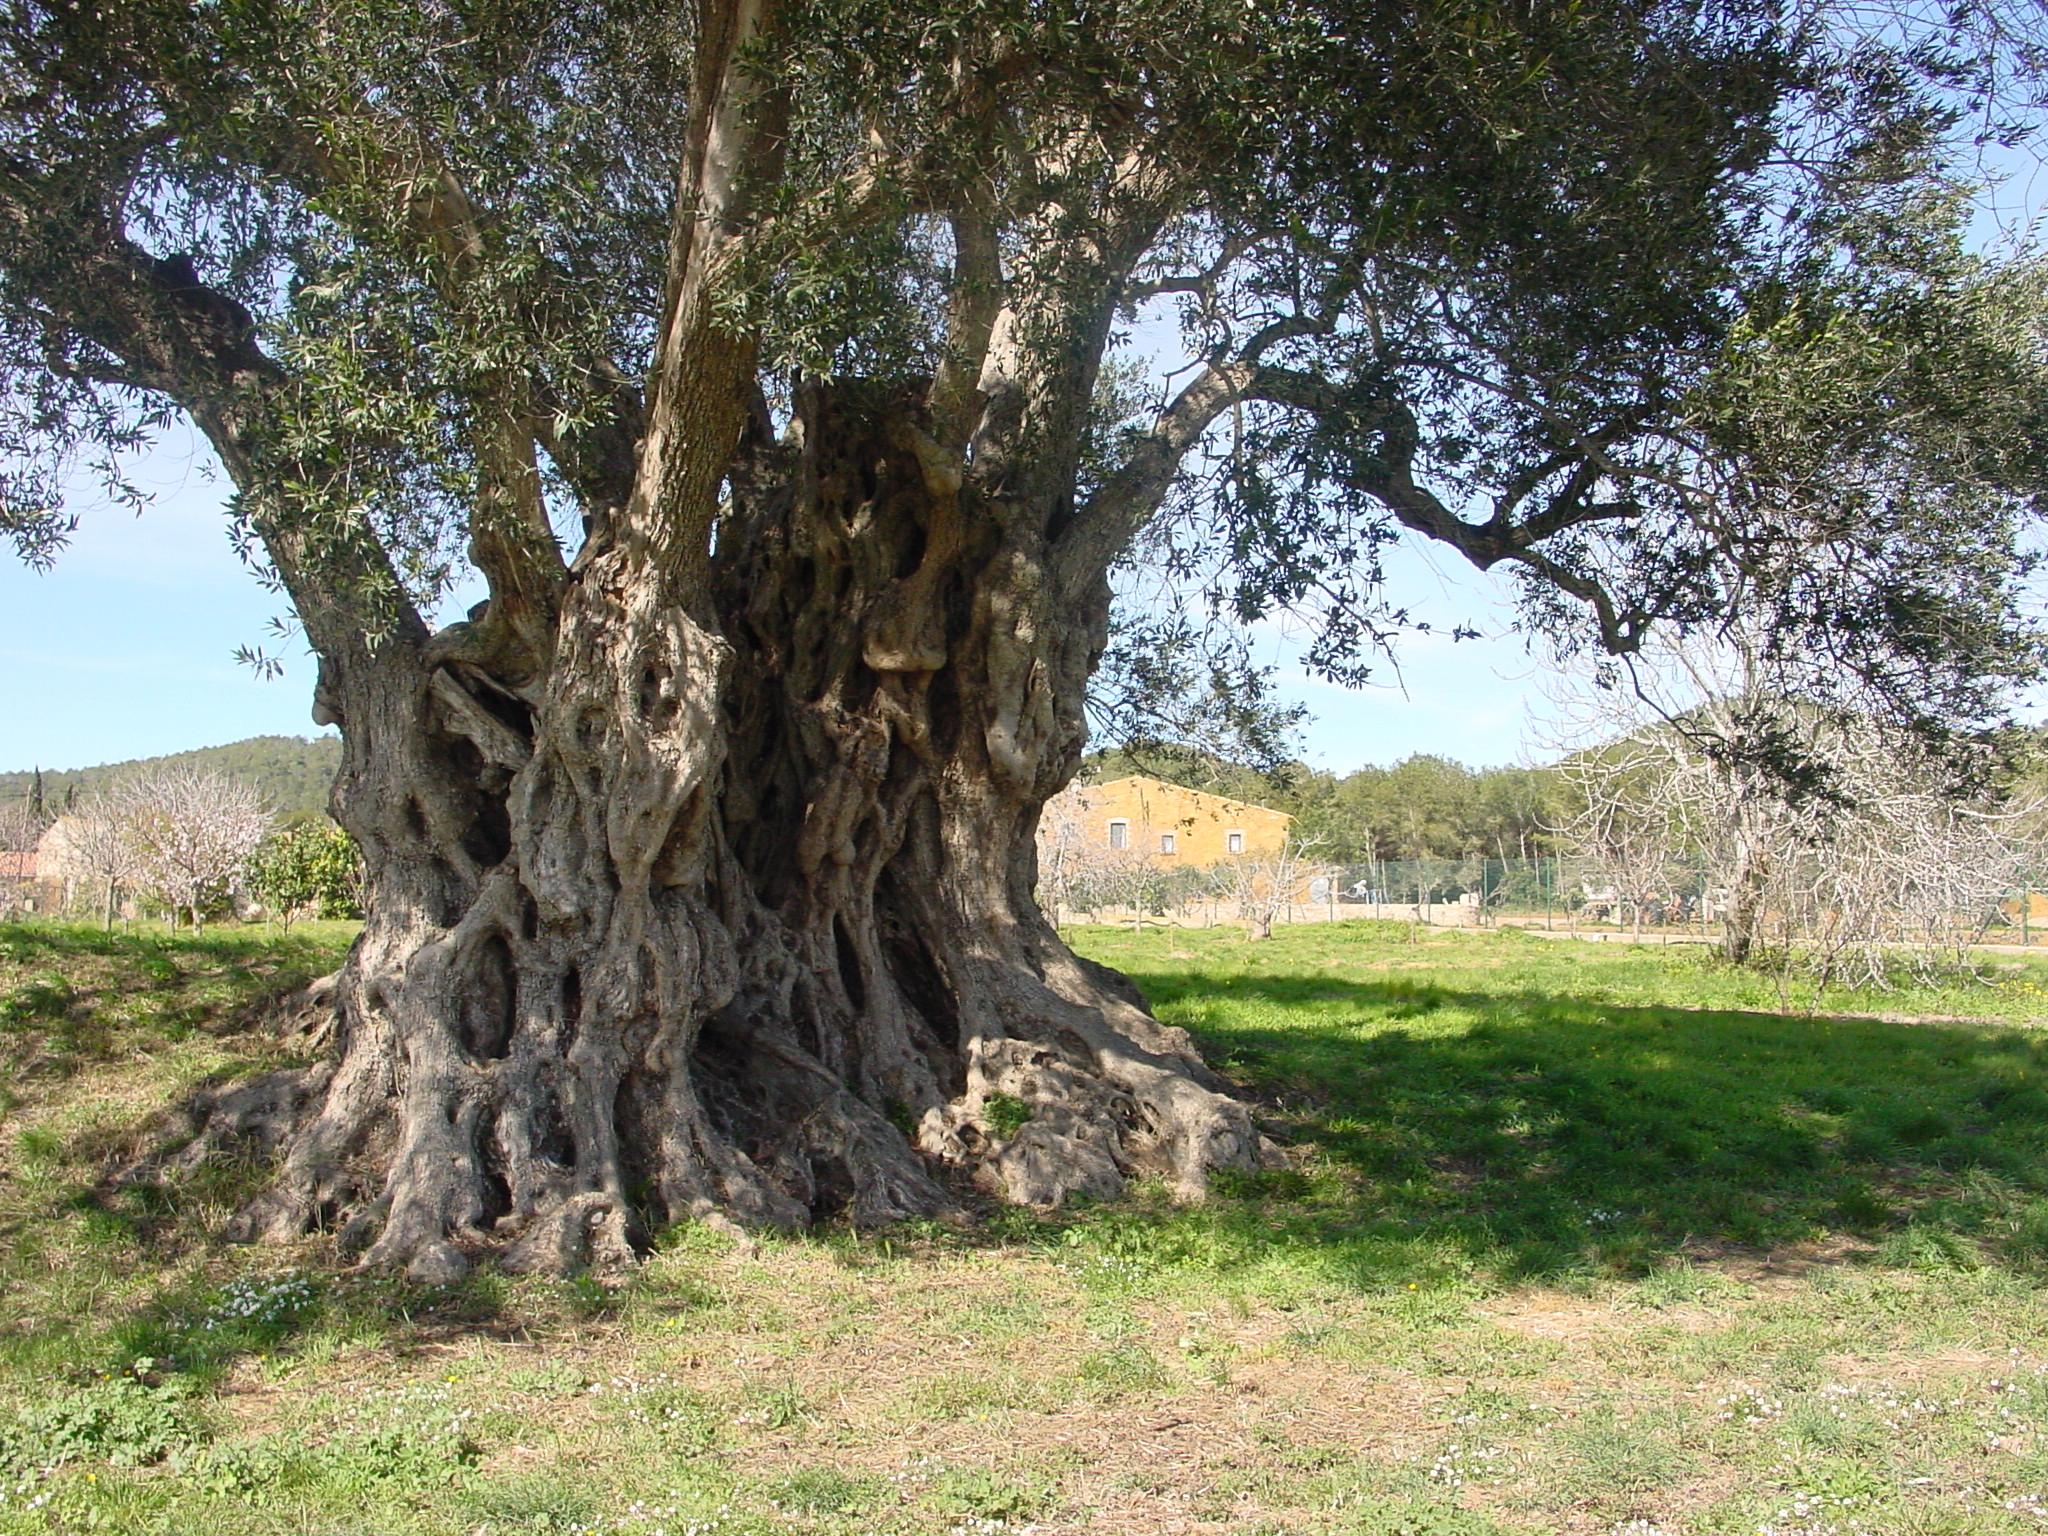 Vall-llobrega és un poble d'oliveres. Aquí veiem aquesta del Mas Genesta, coneguda com la mil·lenària és una de les oliveres més gruixudes de Catalunya. A la base mesura 12'64 m de perímetre i a 1'30 m d'alçada encara en mesura 8'77 m. D'alçada arriba a 10'41 m i la seva capçada té una amplada de 14'07 m.